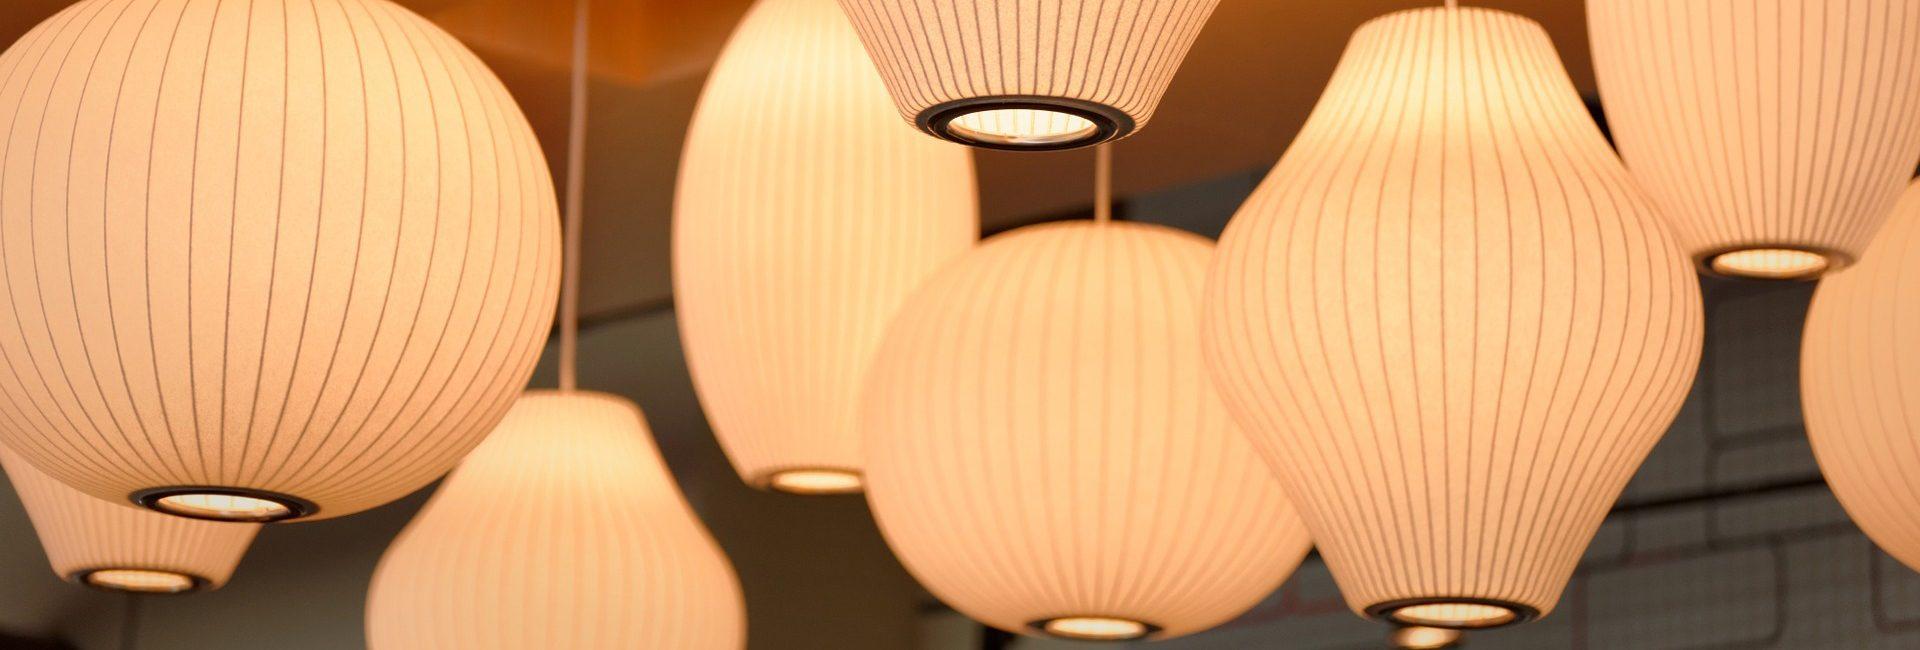 Beleuchtungs-Ratgeber